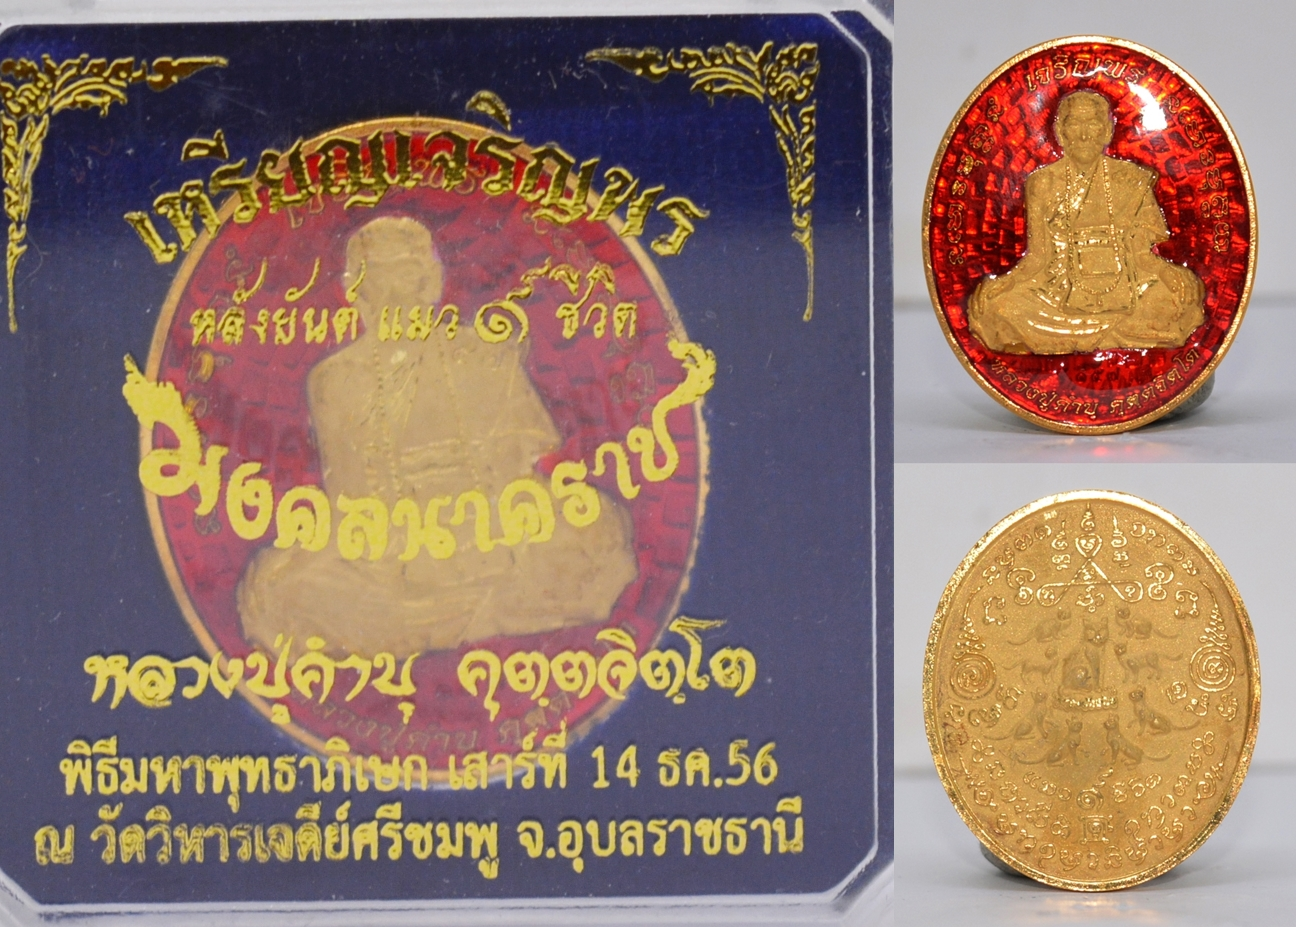 เหรียญเจริญพรหลังแมว 9 ชีวิต เนื้อทองแดงกะหลั่ยทองลงยาแดง รุ่นมงคลนาคราช หลวงปู่คำบุ วัดกุดชมภู 2556